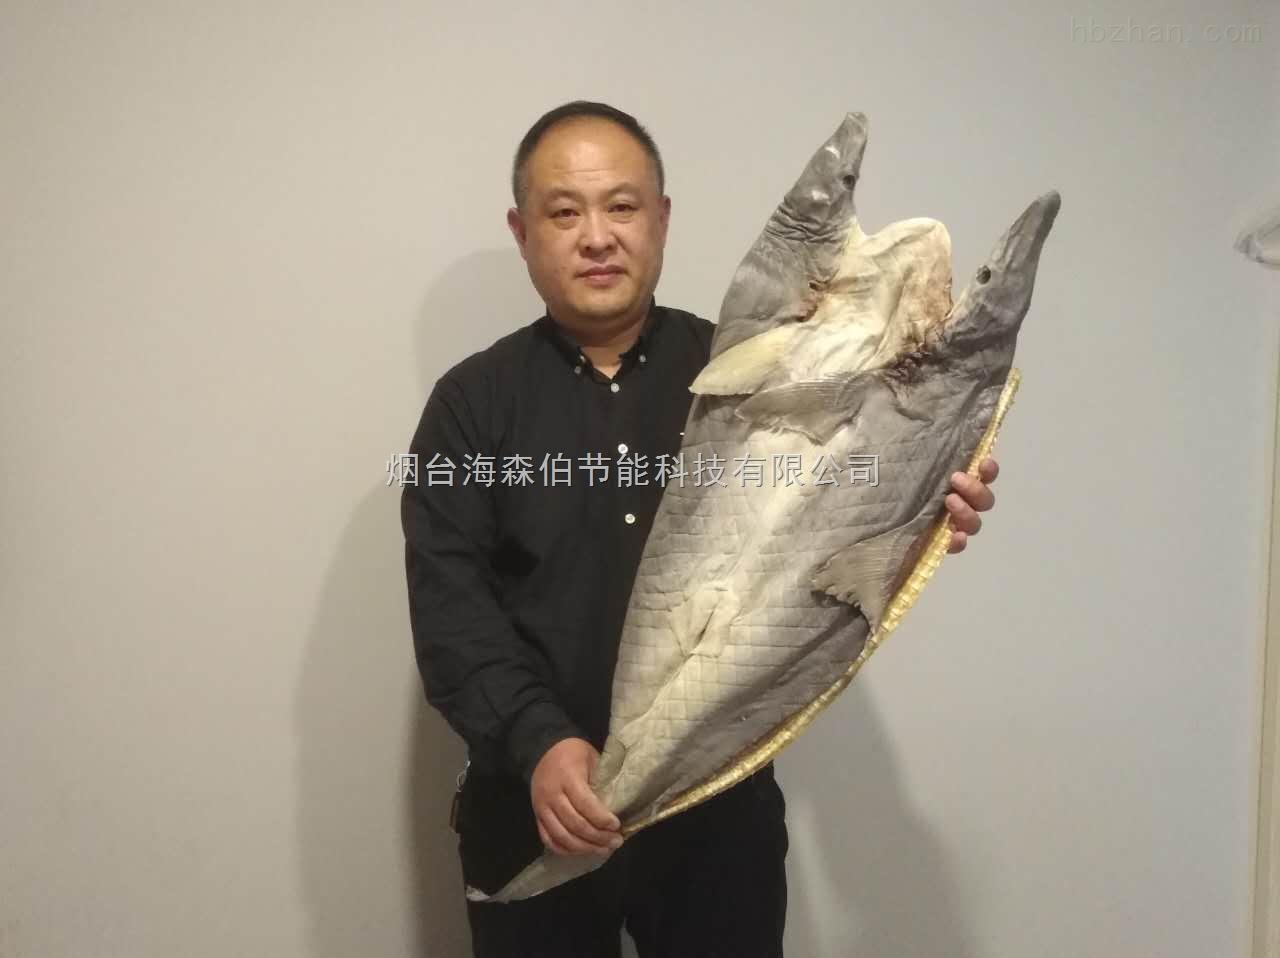 烟台海森伯海产品烘干系统跨界烘干淡水鱼 是海产品烘干系统运行的